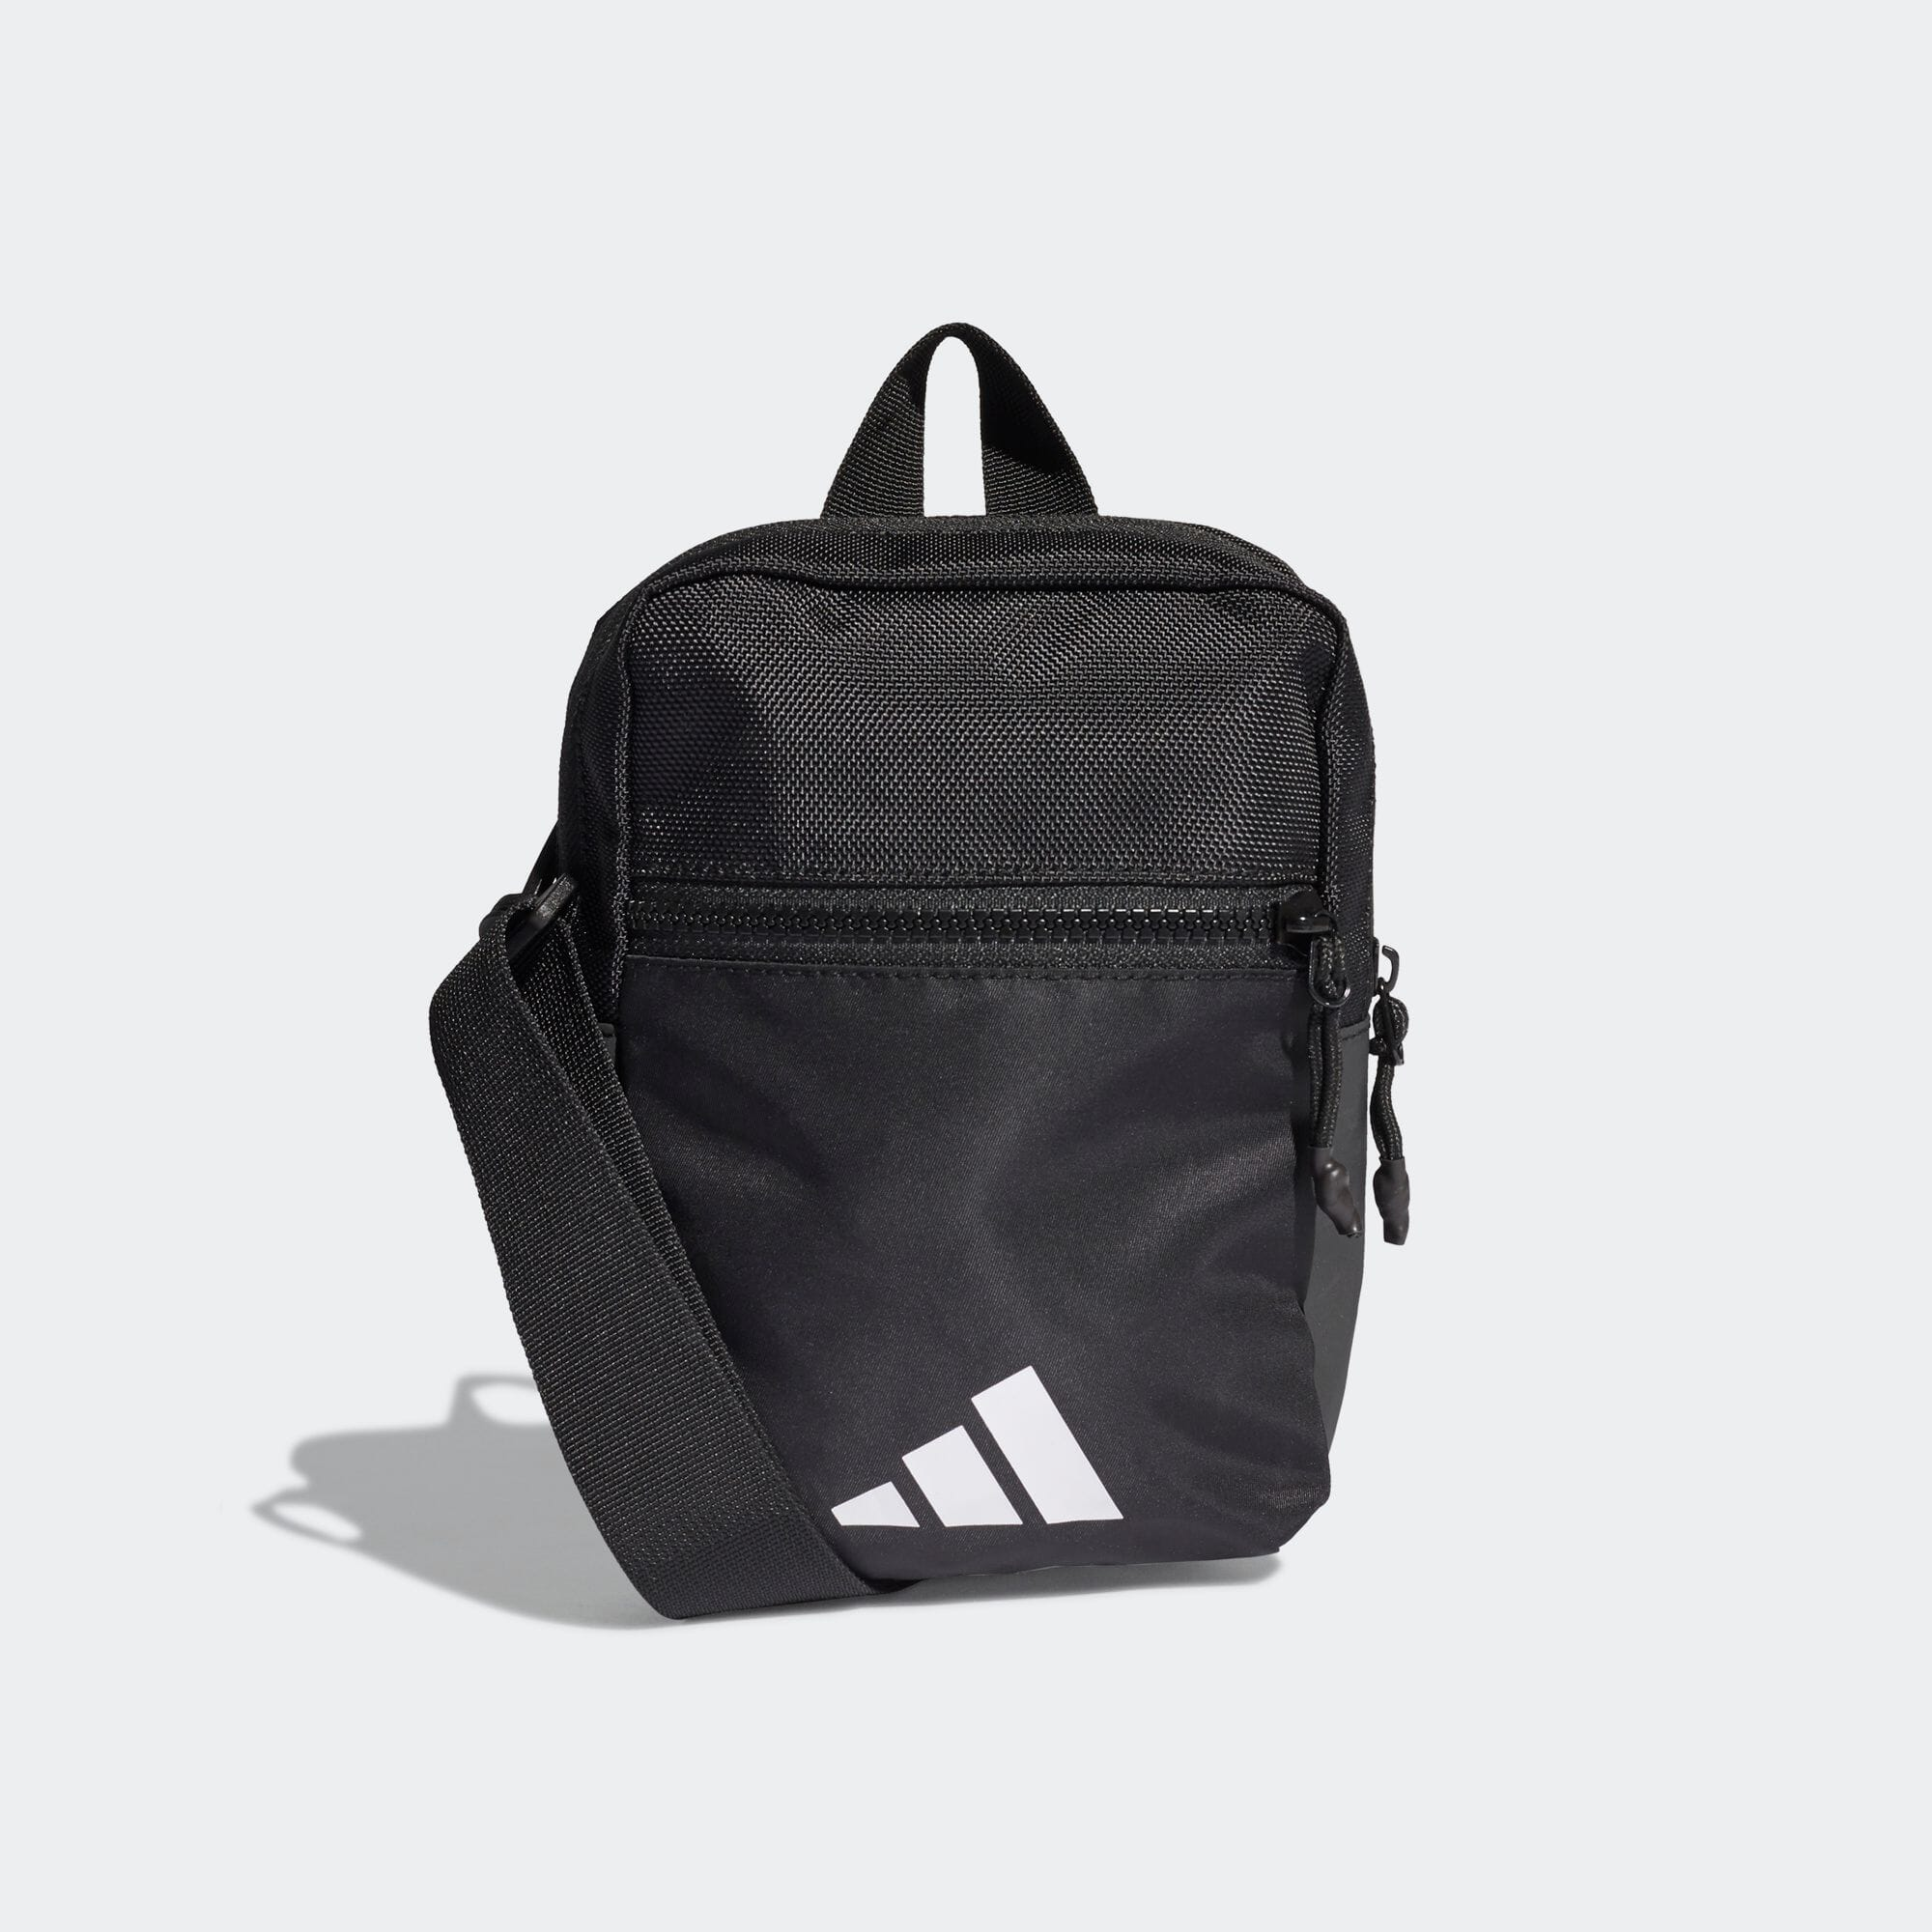 パークフード オーガナイザーバッグ / Parkhood Organiser Bag